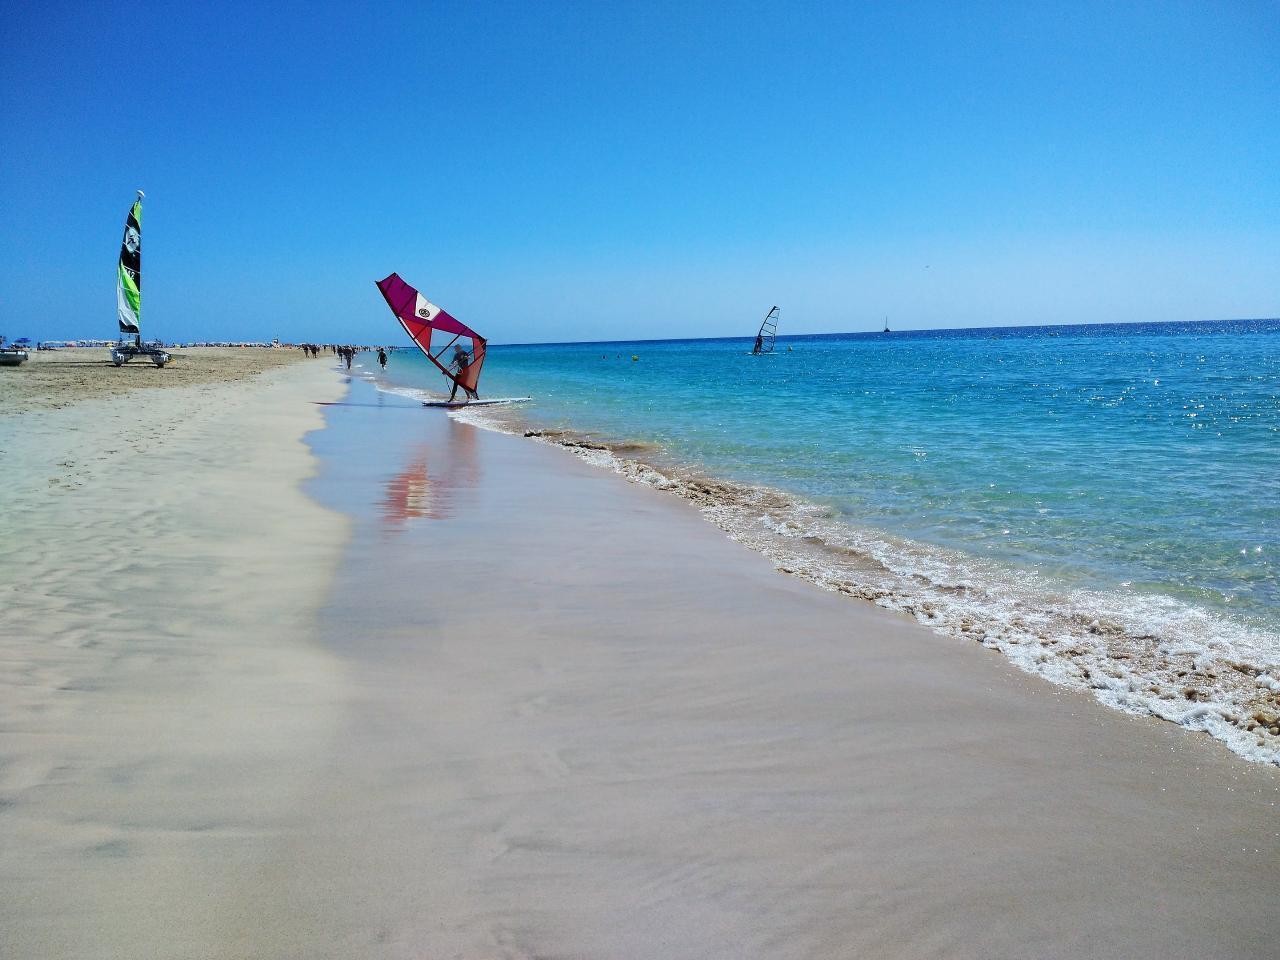 Ferienwohnung Apartment 2 / 4p am Strand und mit allen Dienstleistungen, mit Meerblick, Swimmingpools, a (487787), Morro Jable, Fuerteventura, Kanarische Inseln, Spanien, Bild 23